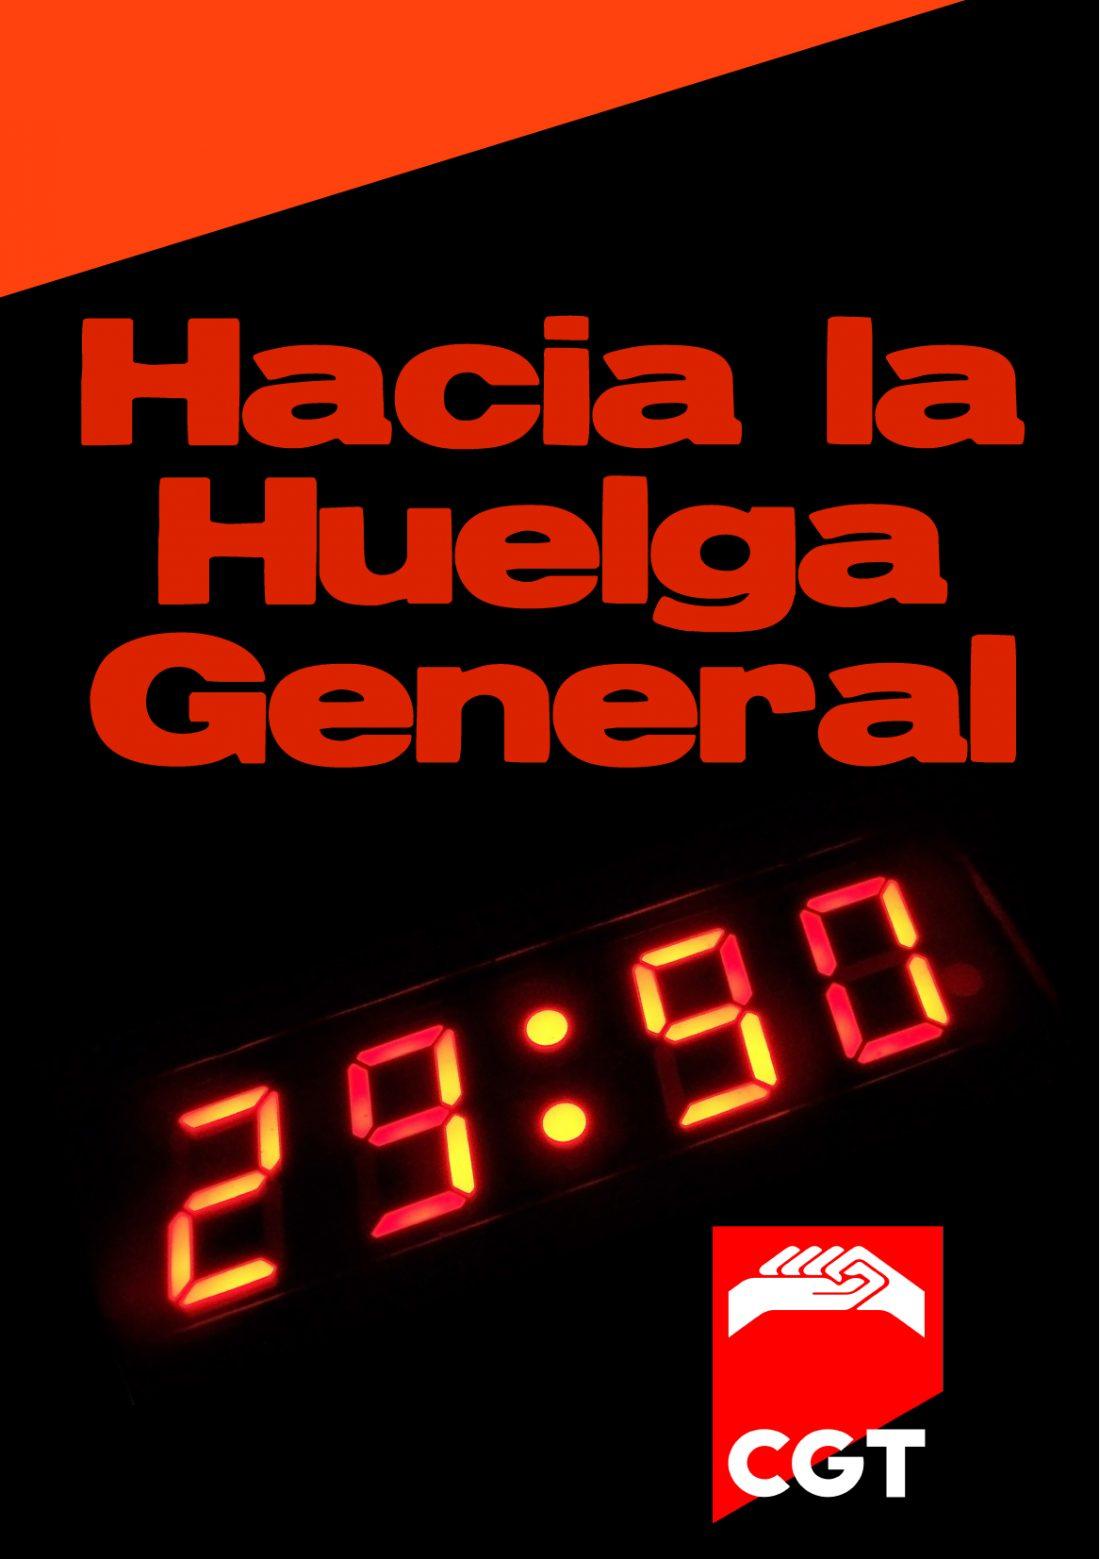 Comunicado CGT-CNT-SO: Hacia la Huelga General (29.6.2011)